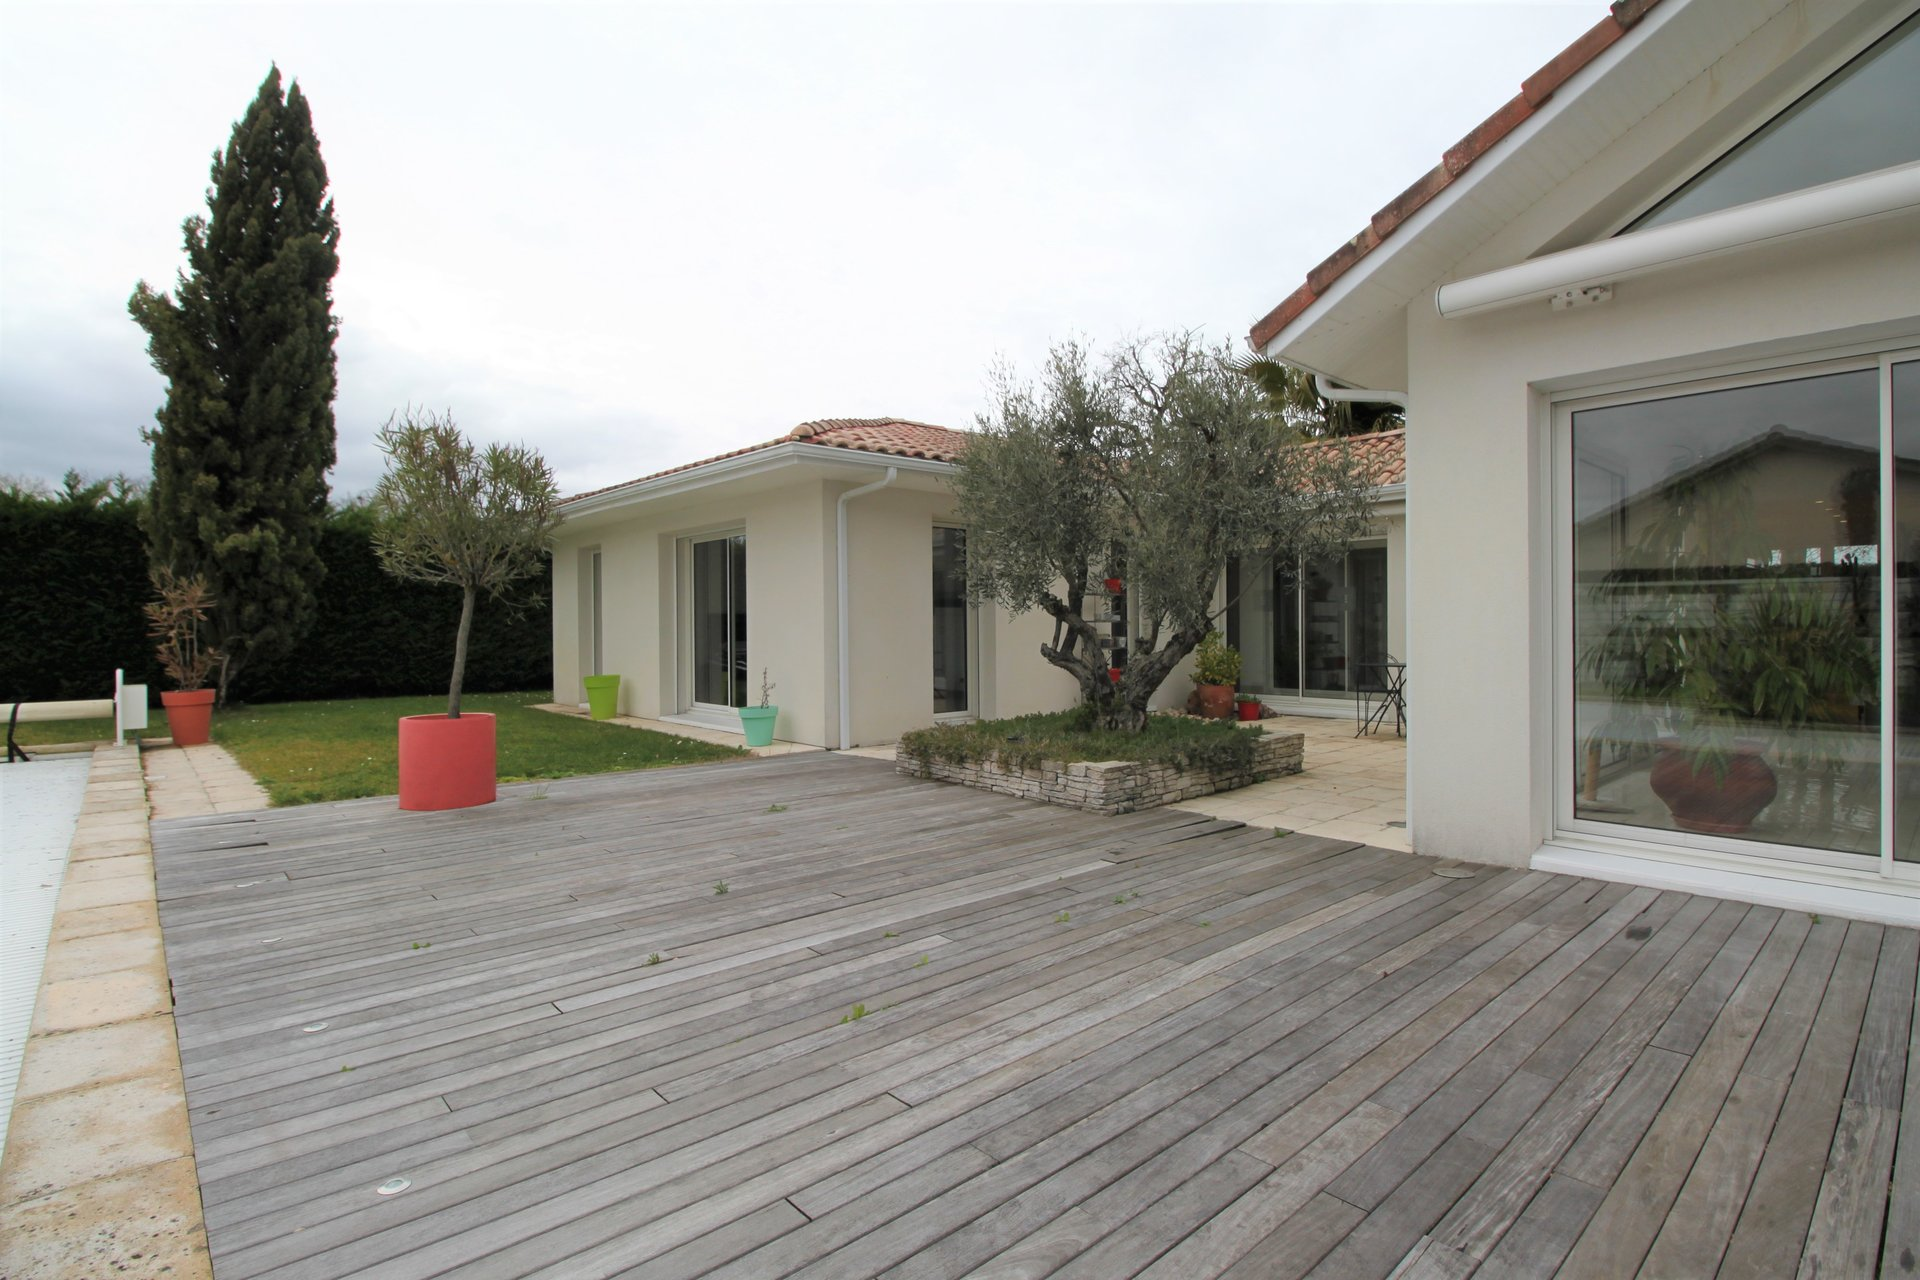 Maison d'architecte - grand jardin arboré